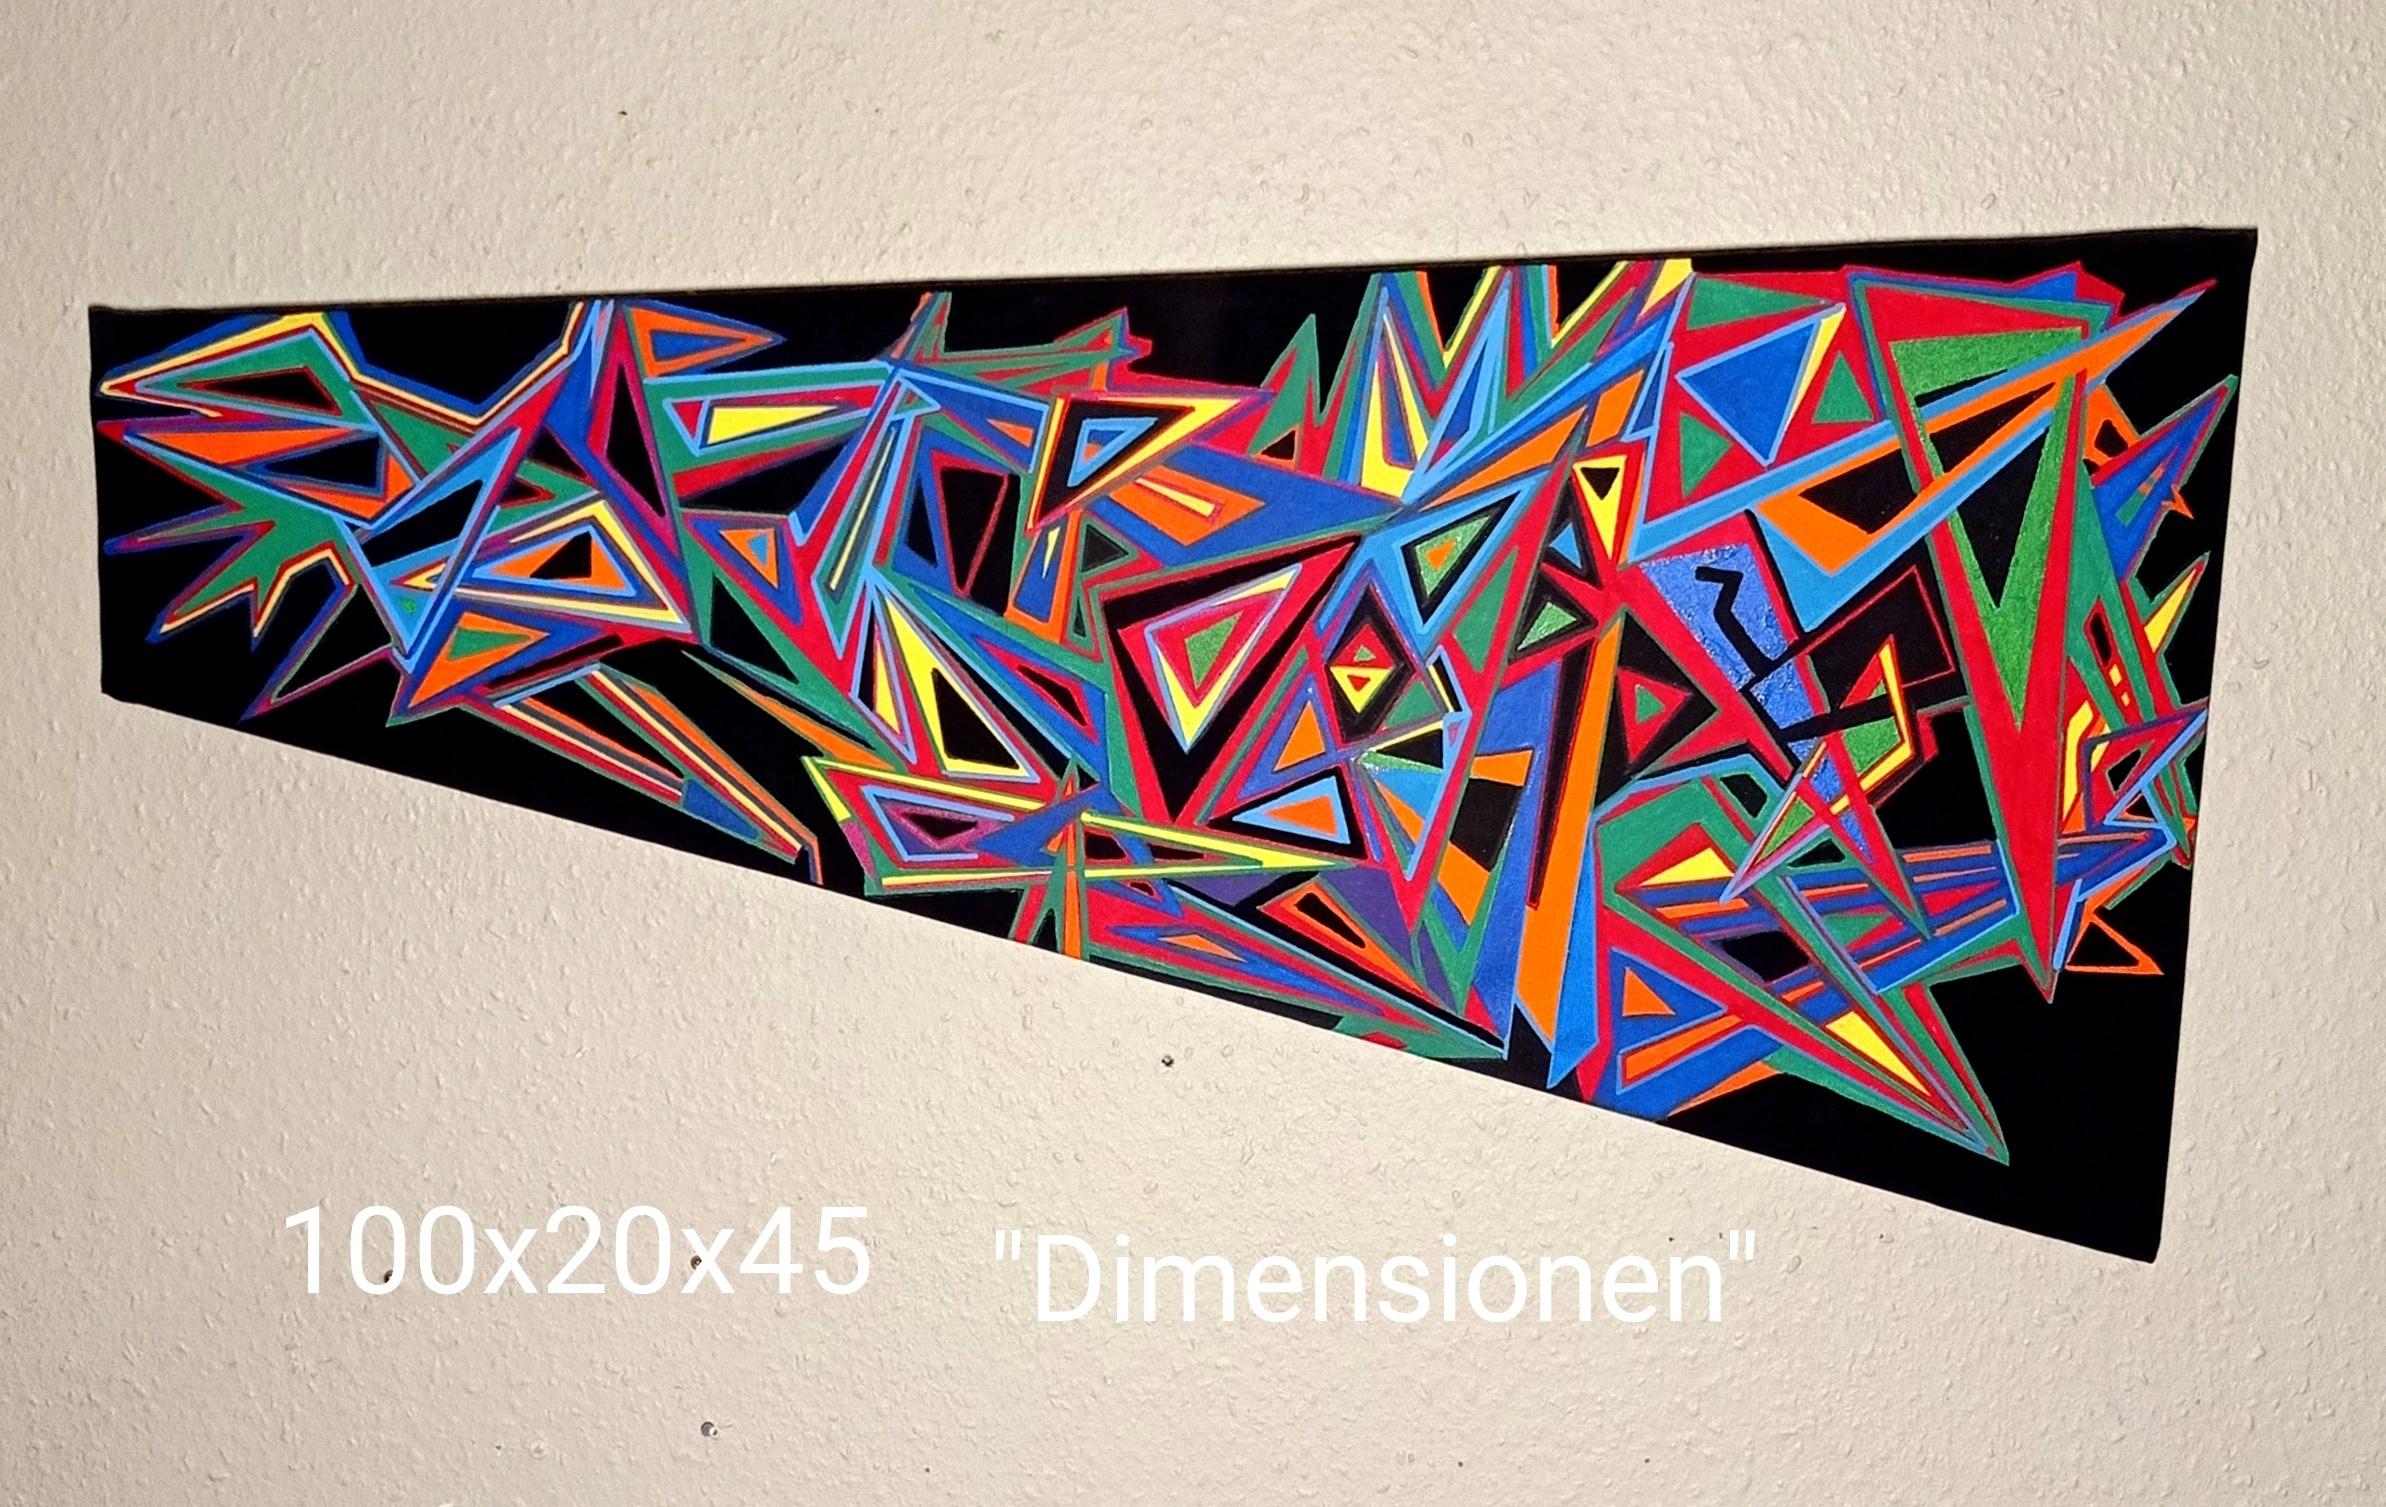 dimensionen kunst kaufen Mephistopheles Rex nicolas wezel abstrakt popart dimensionen kunstwerk arttrado